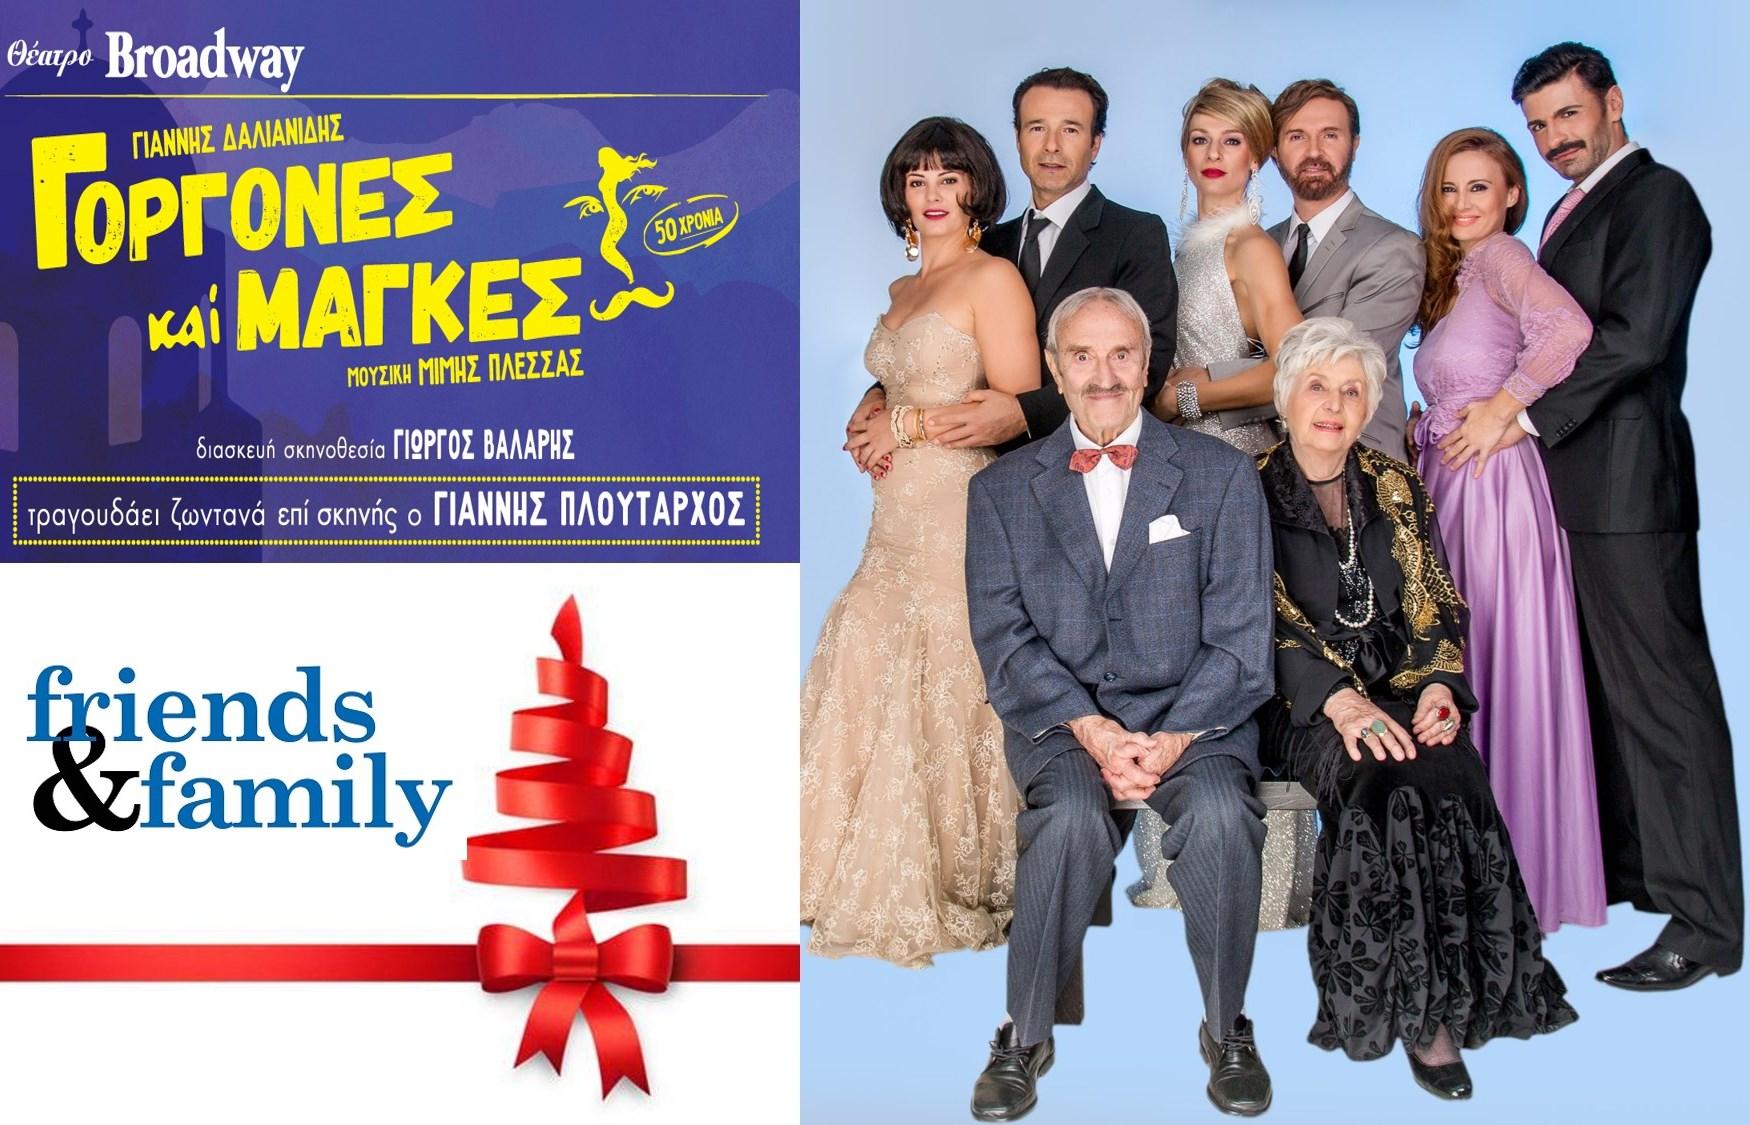 ''Γοργόνες και Μάγκες'' Friends & Family πακέτο, από 10€/άτομο, στη θεατρική υπερπαραγωγή του Χειμώνα, στο ανακαινισμένο Broadway. Για πρώτη φορά στο θέατρο το αξεπέραστο musical της Φίνος Φιλμ, με μια πλειάδα δημοφιλών ηθοποιών, 7μελή ζωντανή ορχήστρα & τον Πλούταρχο ζωντανά επί σκηνής!